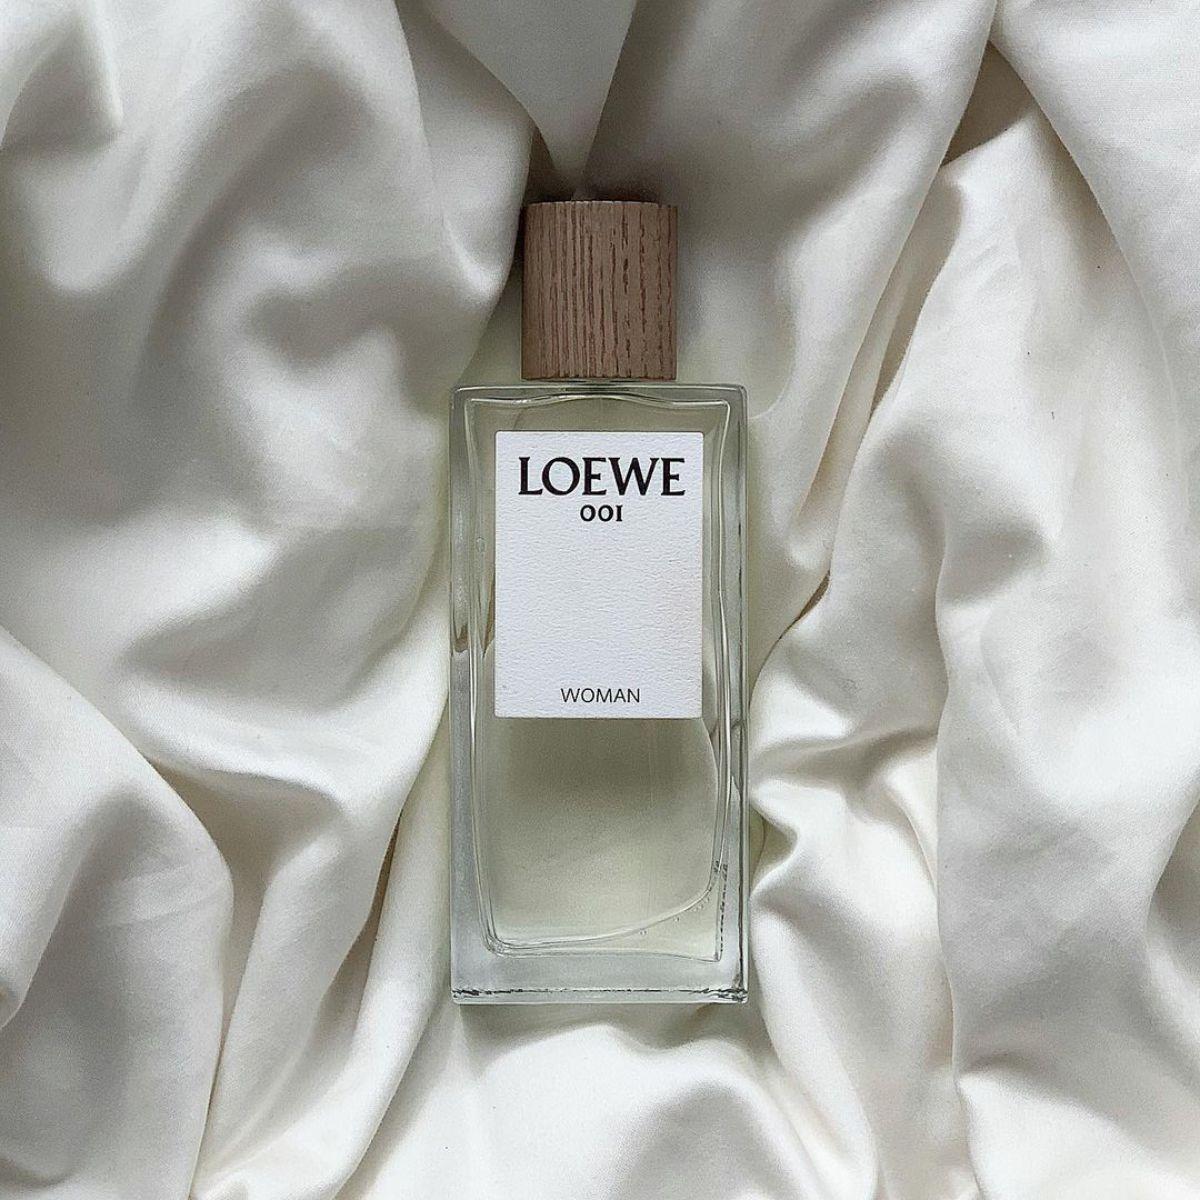 おしゃれさんは必ず持っている「ロエベ」の香水が気になる。一度使ったら忘れられない香りに心を掴まれました。